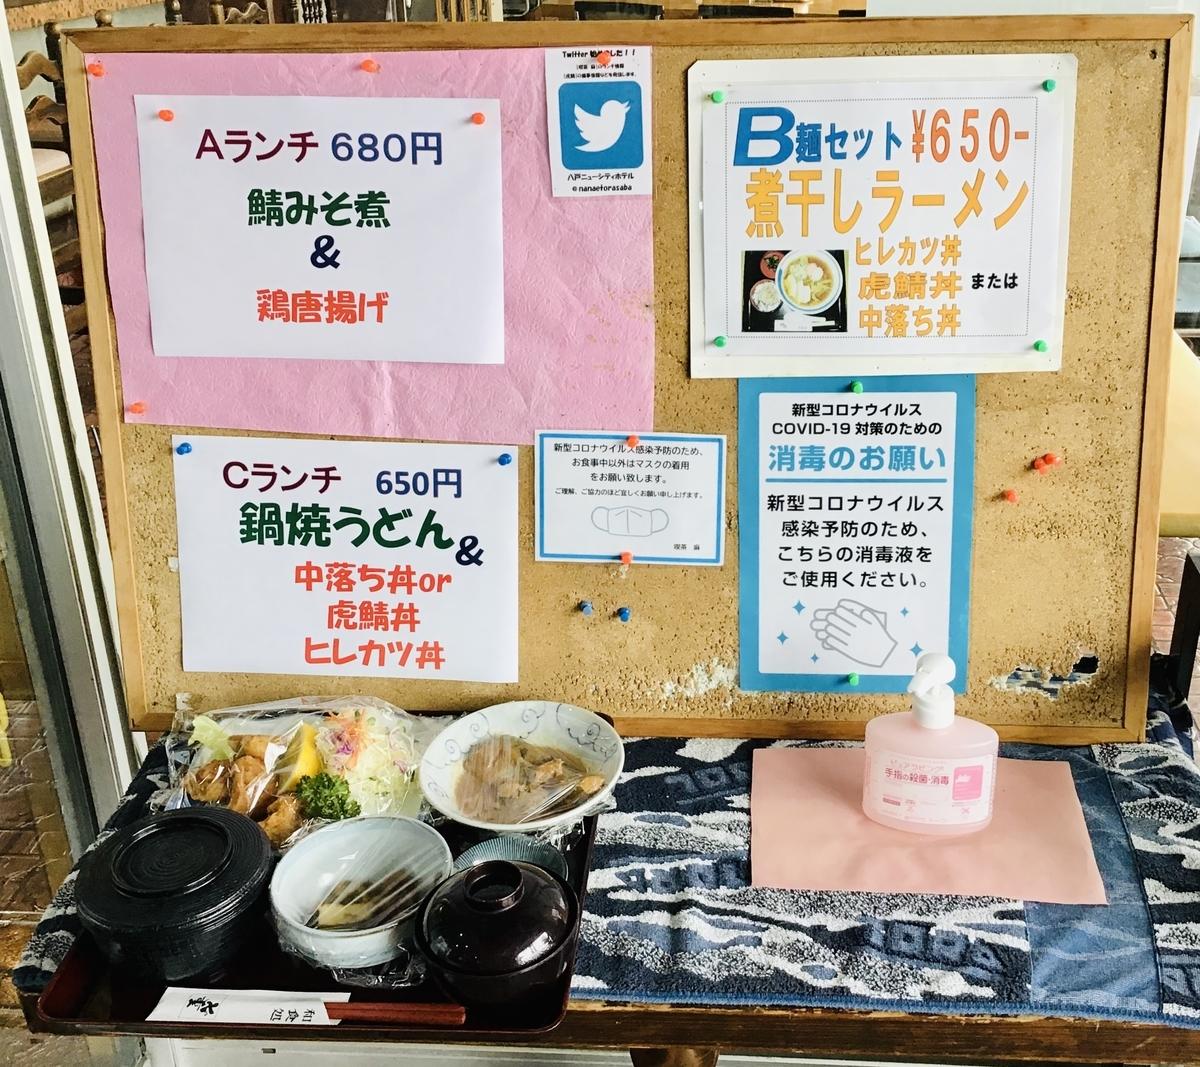 f:id:yumeusagiyukiusagi:20201001000300j:plain